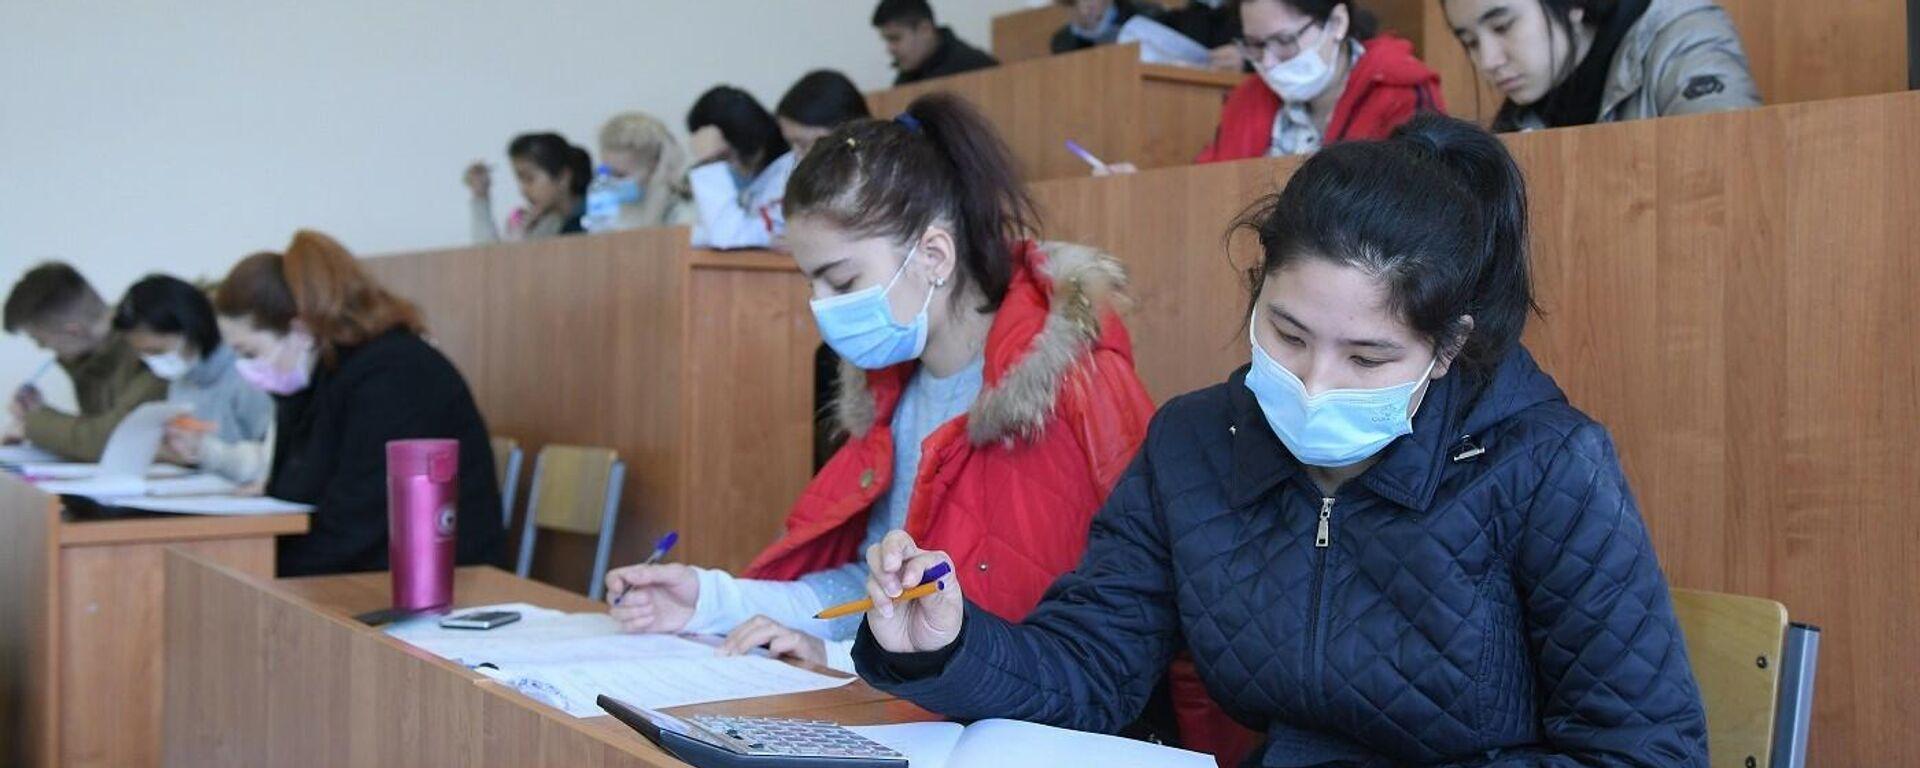 Абитуриенты сдают вступительные экзамены для обучения в российских вузах по бесплатной квоте - Sputnik Узбекистан, 1920, 14.03.2021